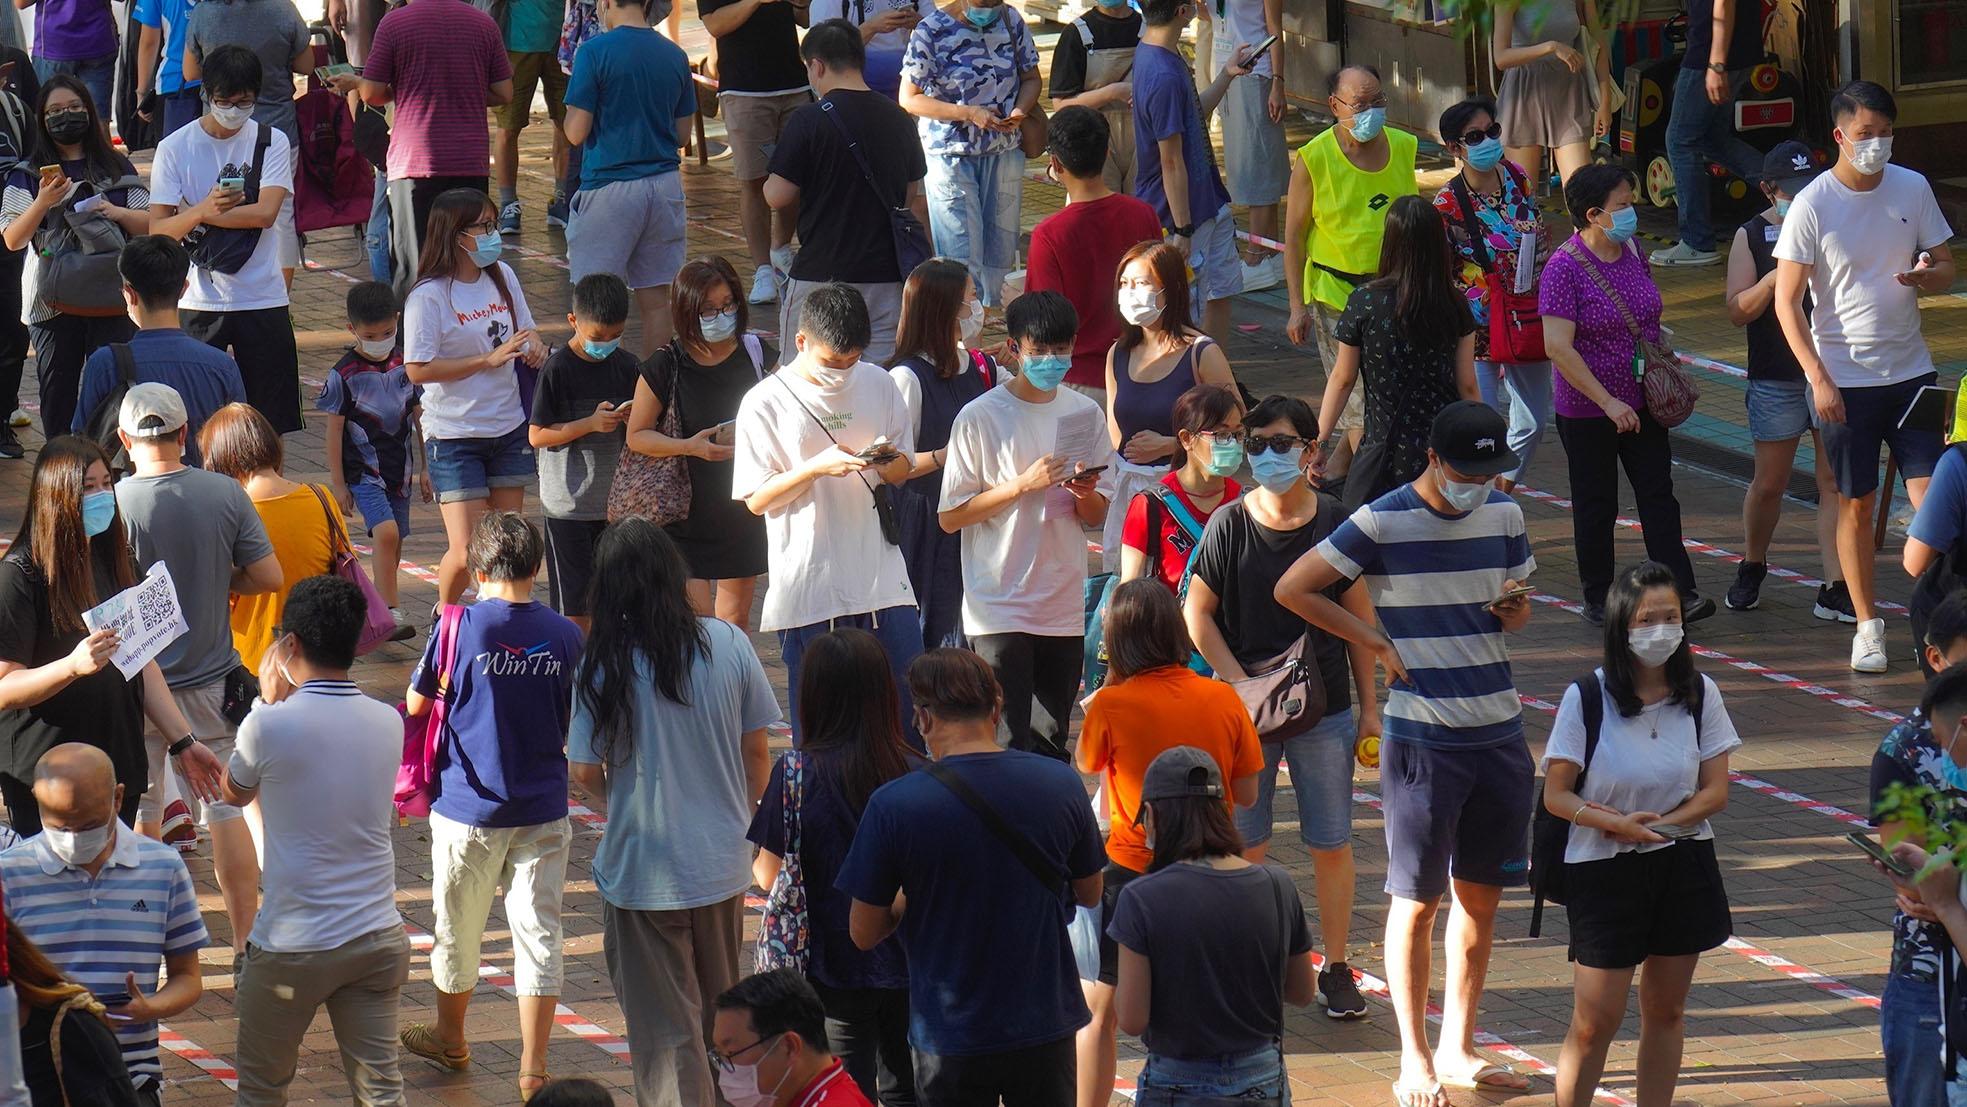 2020年7月12日,香港民众排队选举支持民主派人士。(美联社)